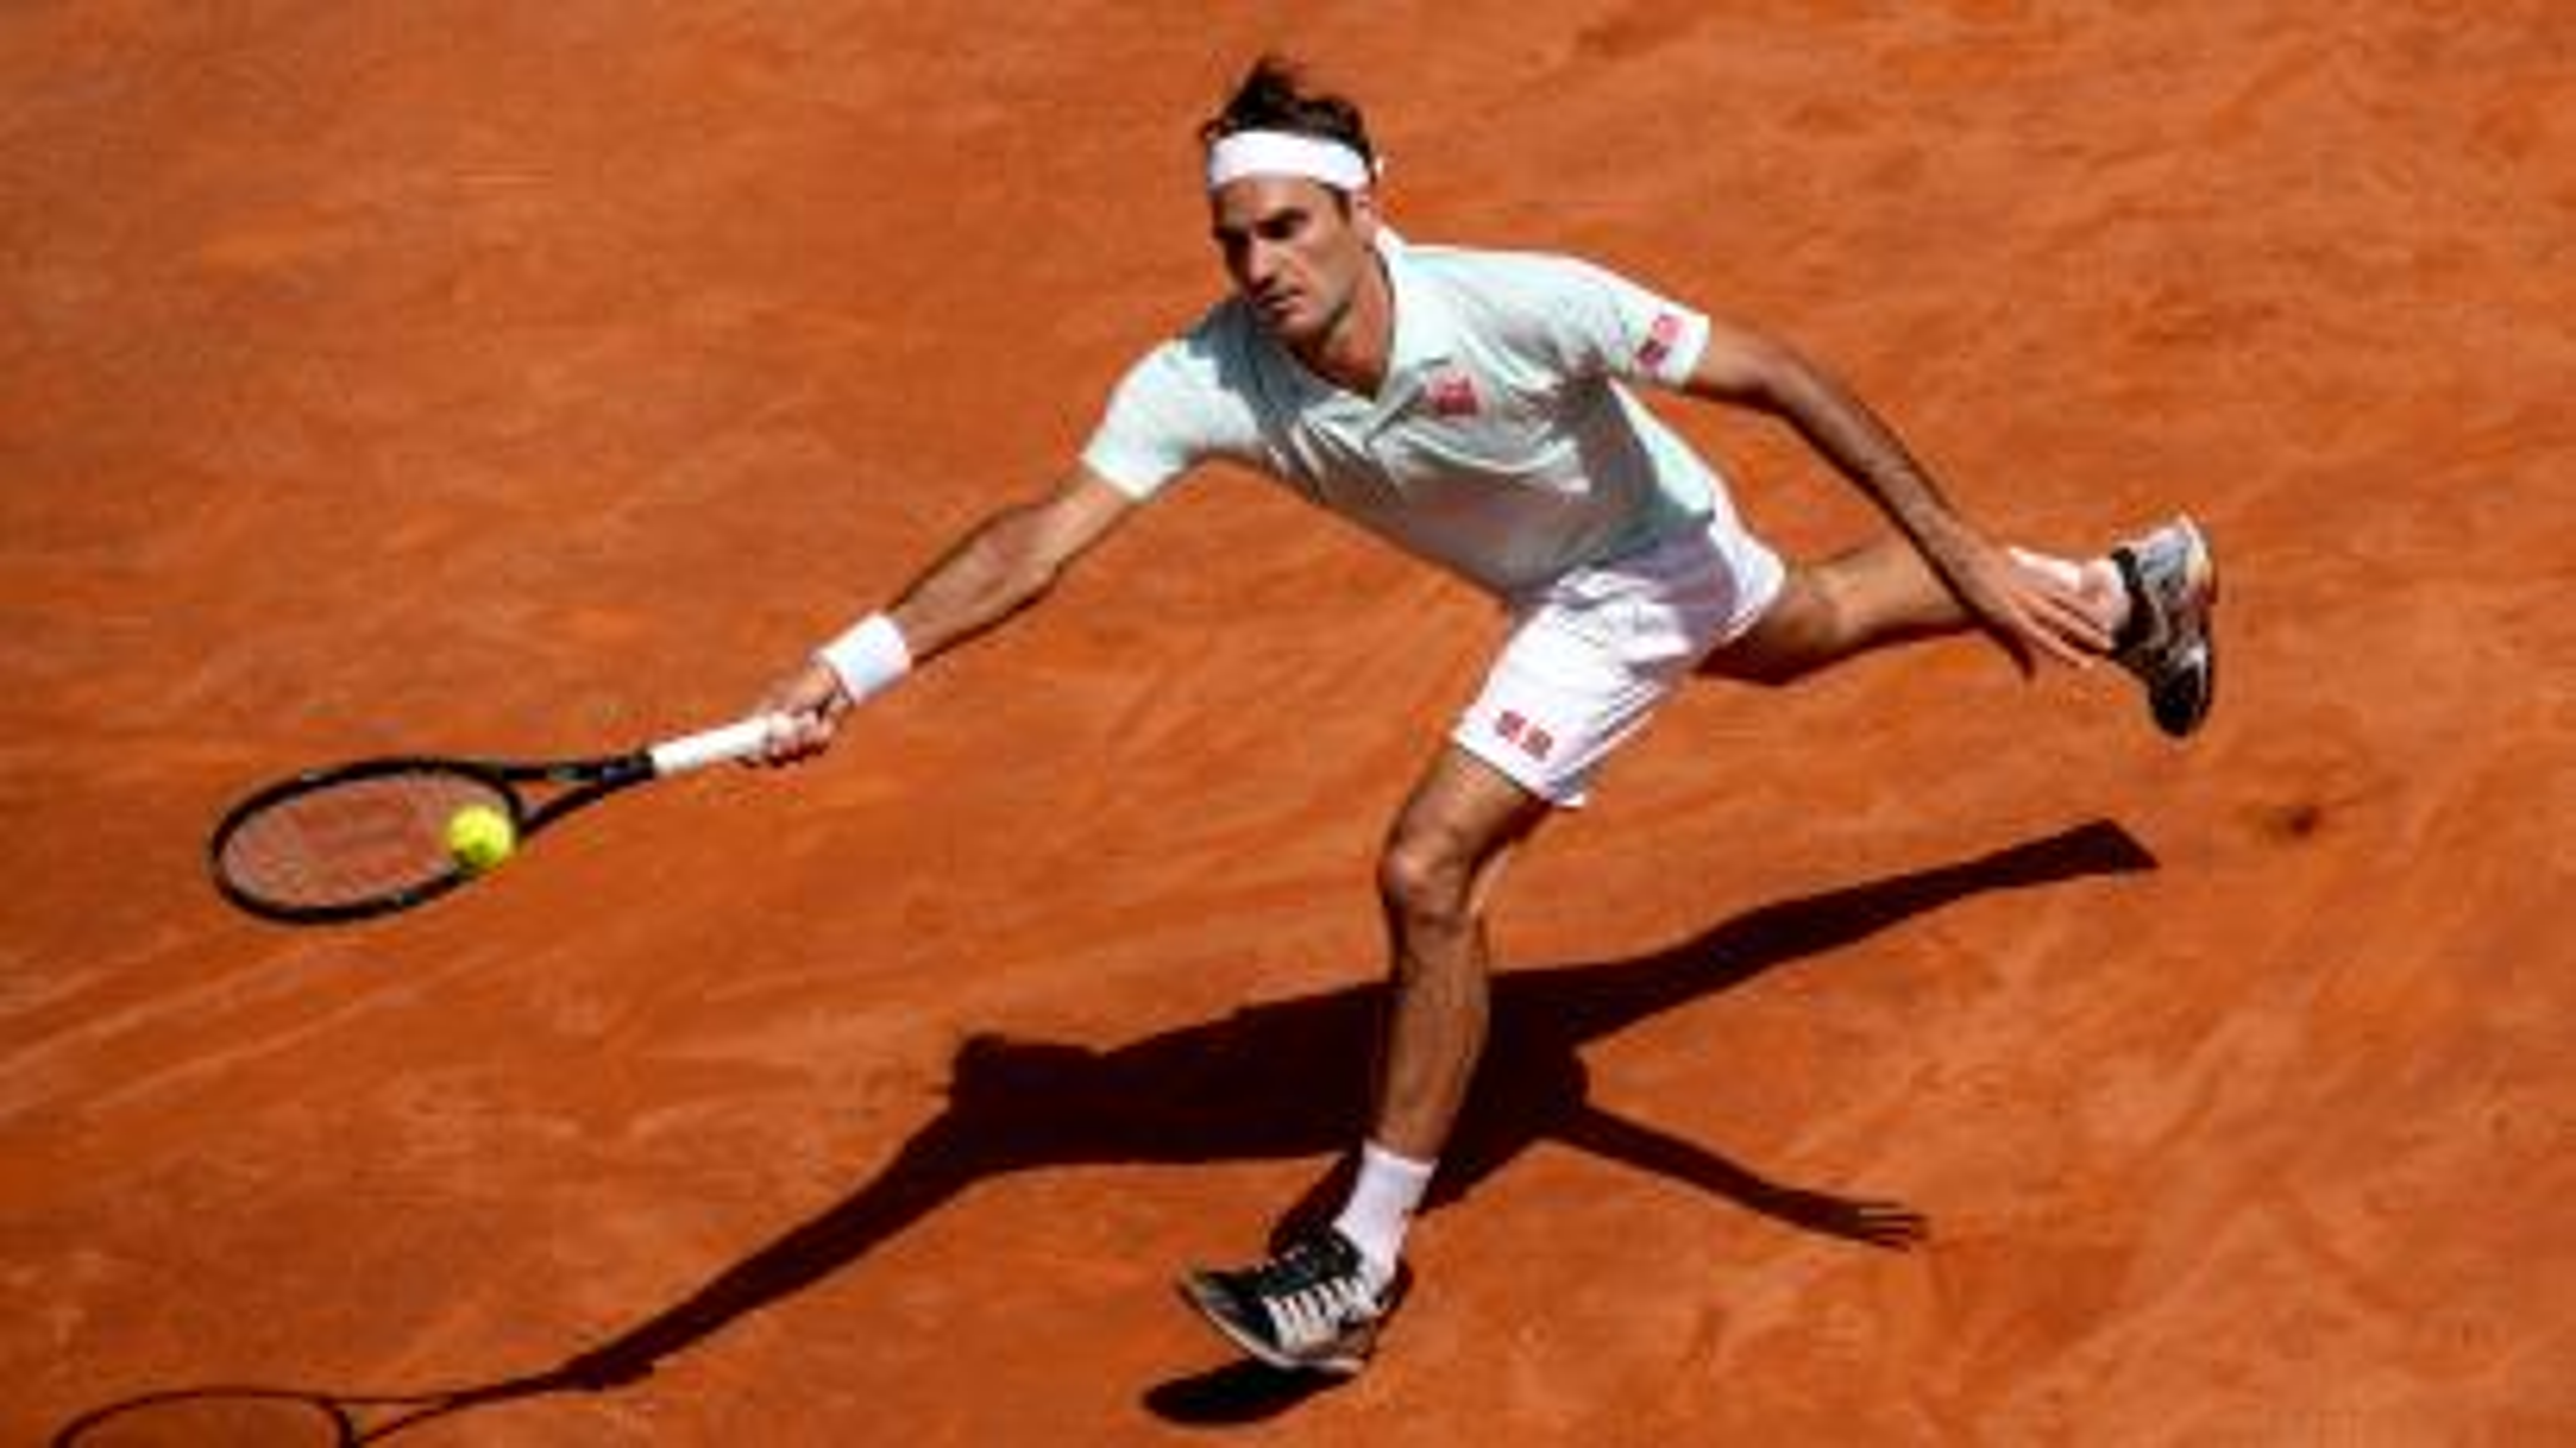 Roger-Federer-tennis-grit